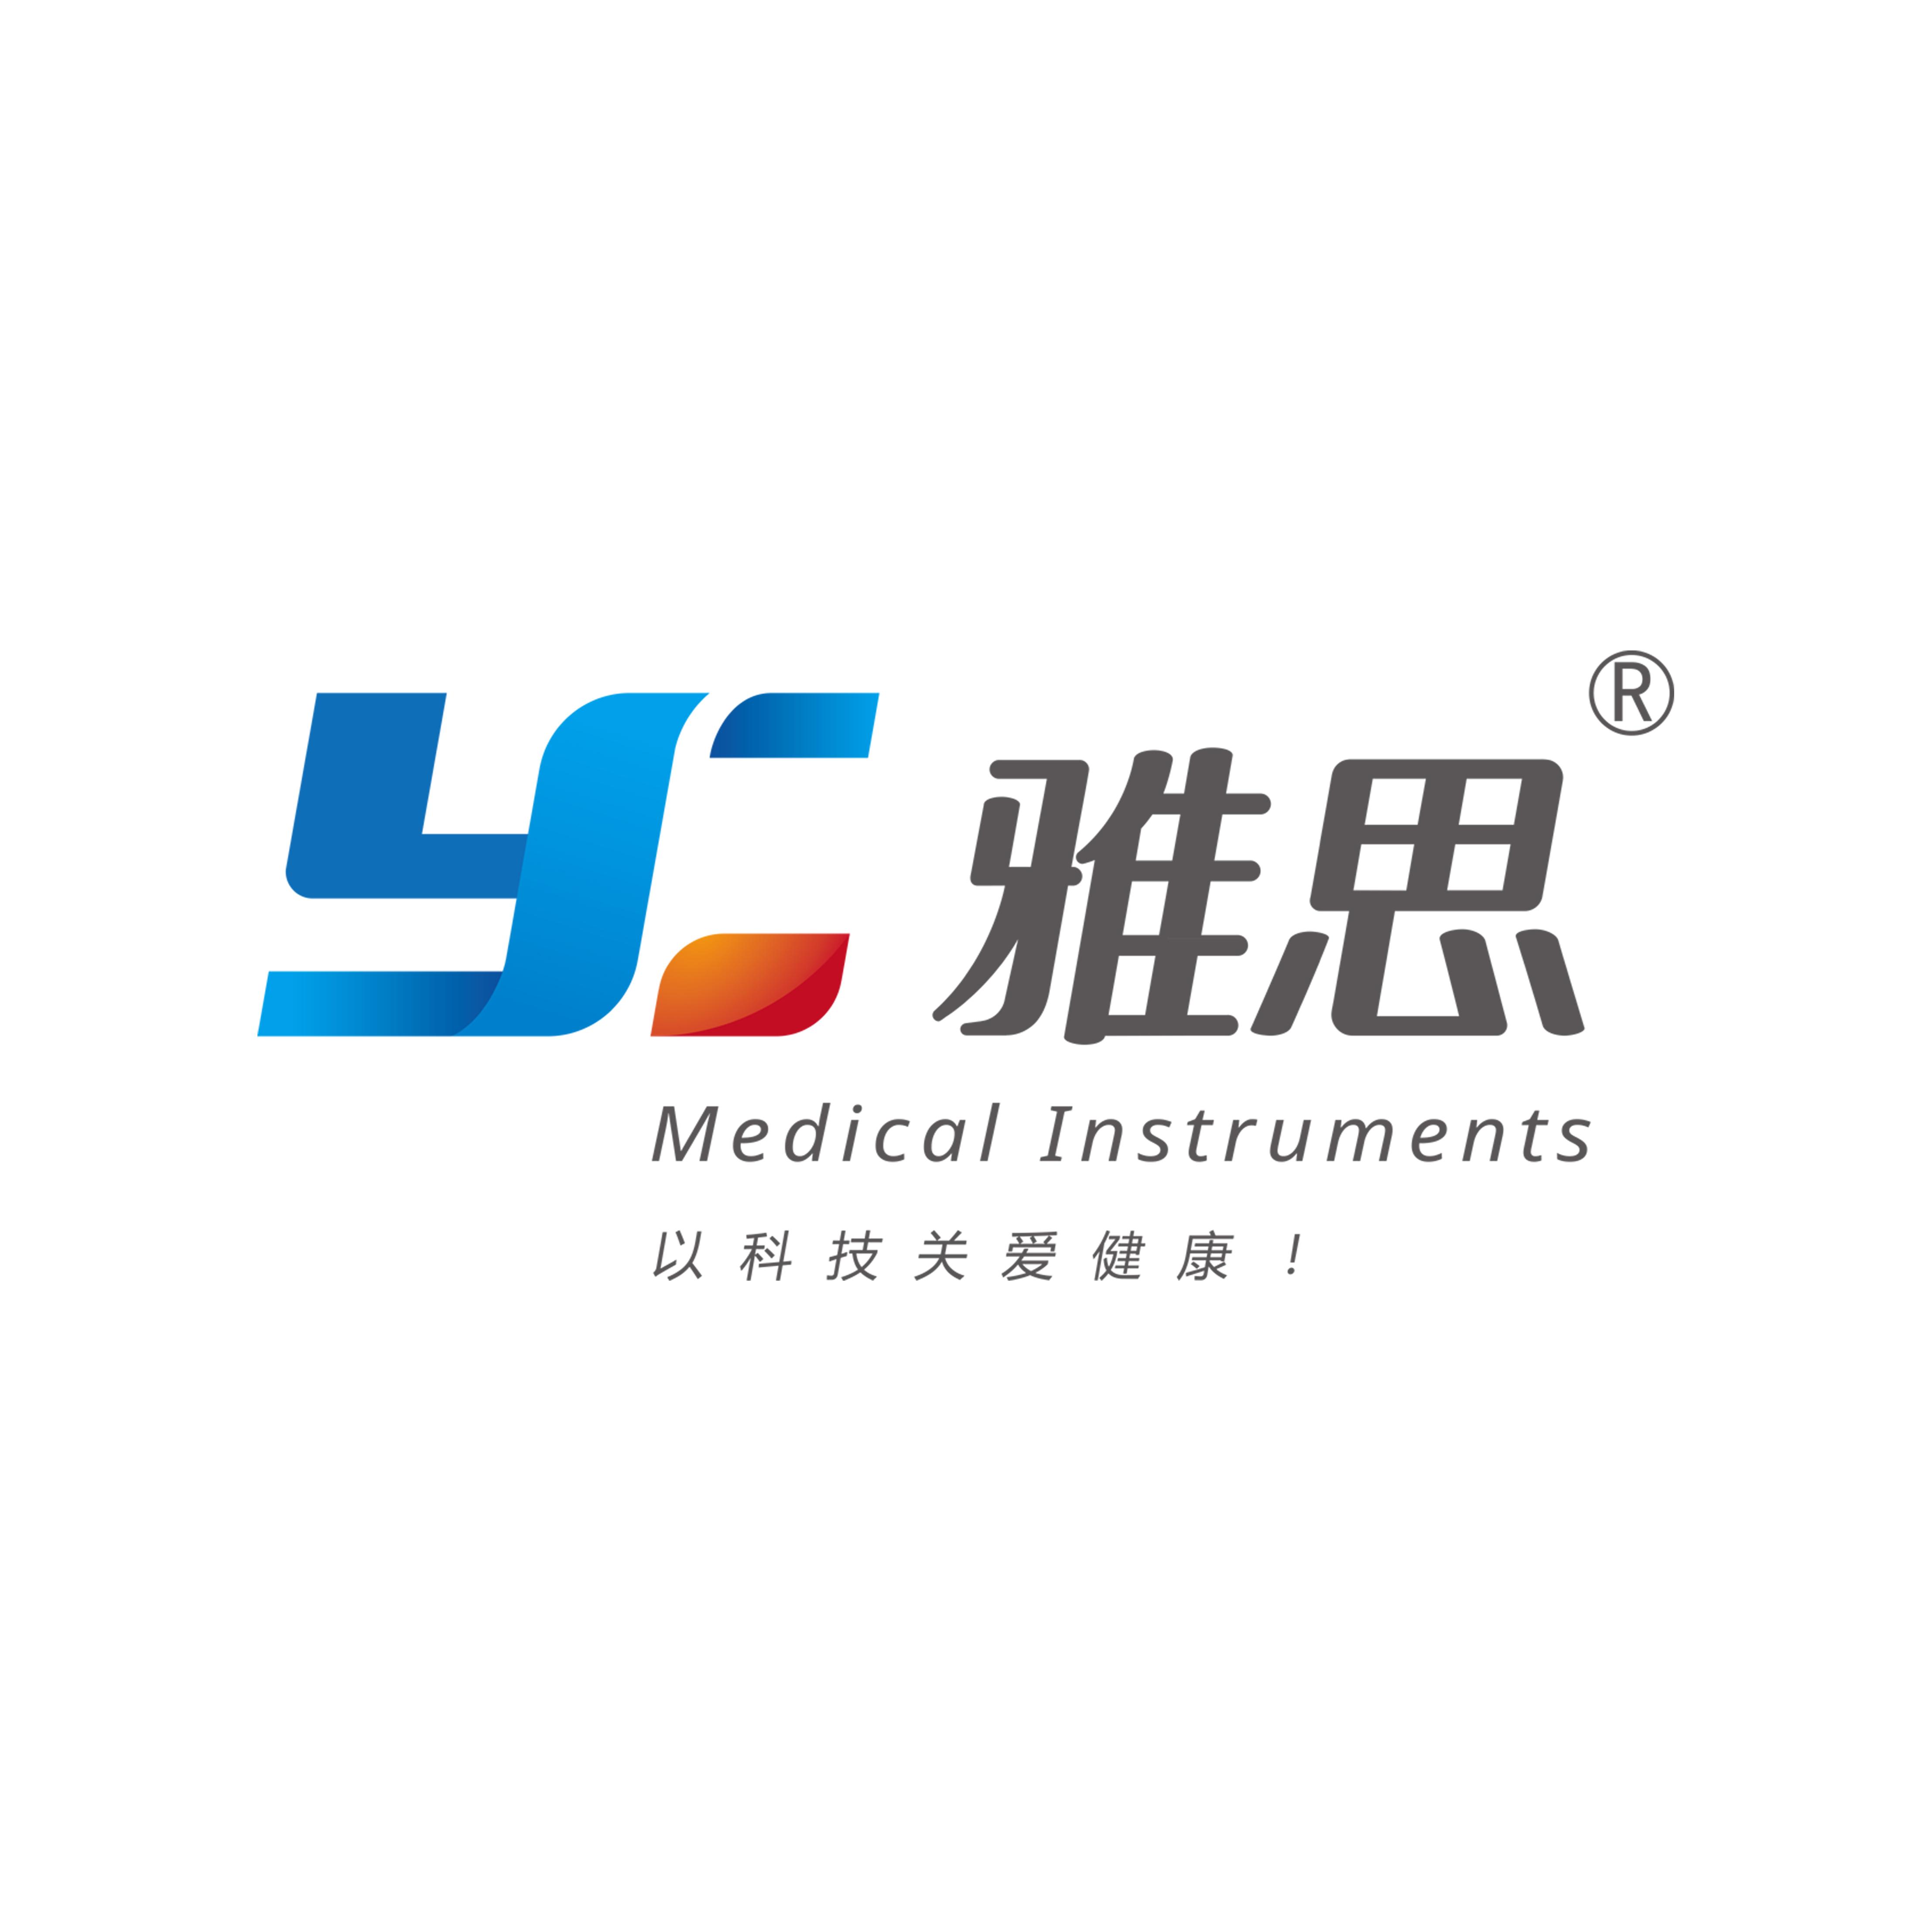 常州思雅医疗器械有限公司-2018中国国际福祉博览会暨中国国际康复博览会